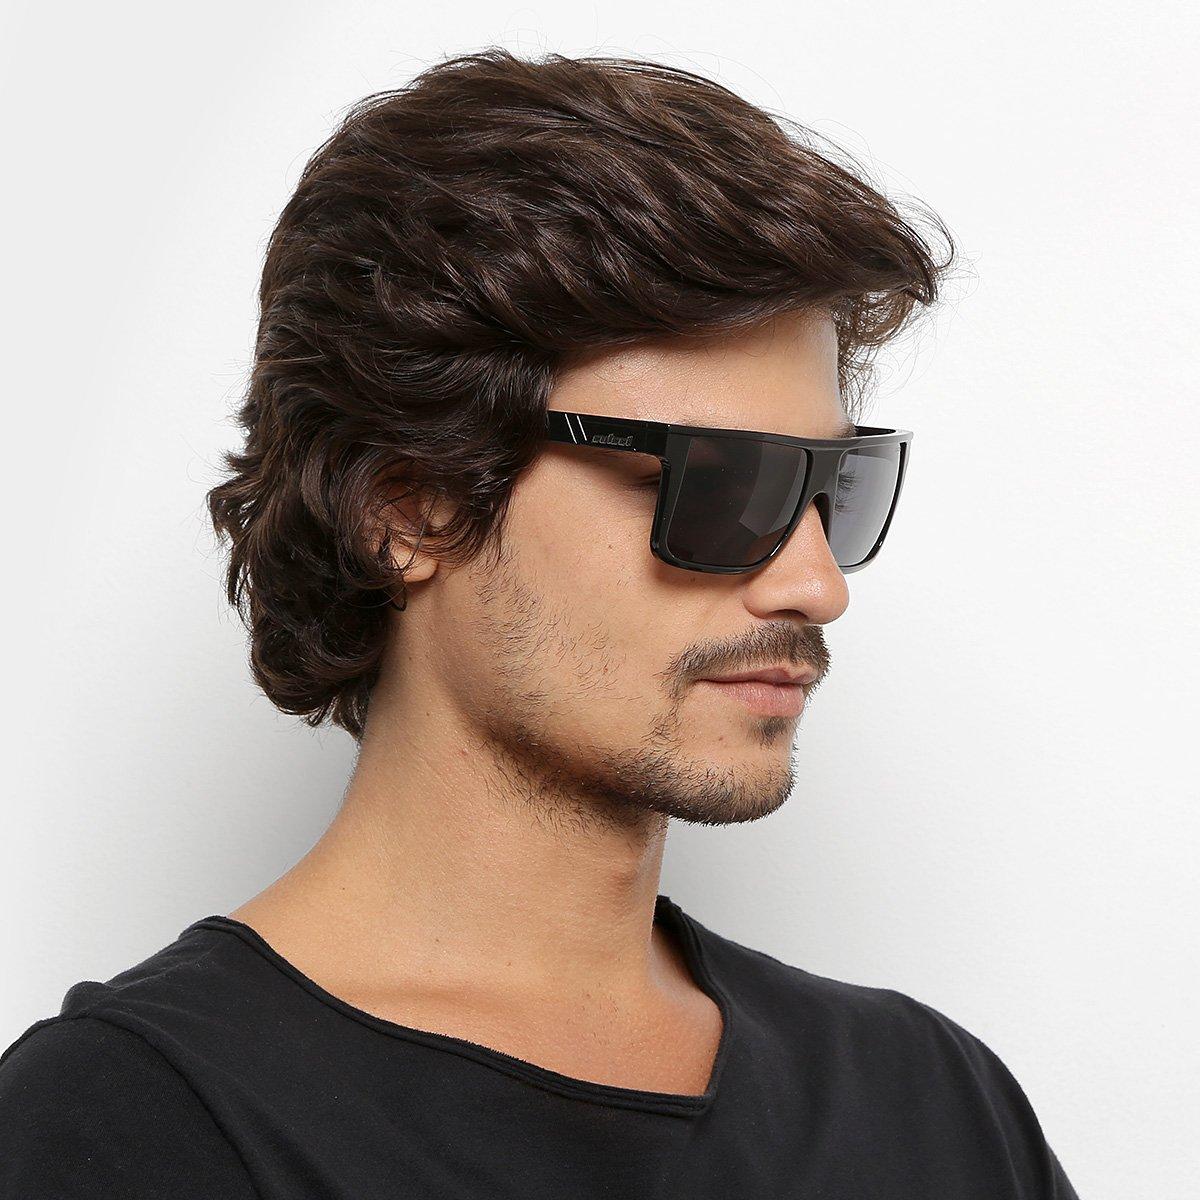 Óculos de Sol Colcci Garnet Masculino - Compre Agora   Netshoes 17007eb9a9